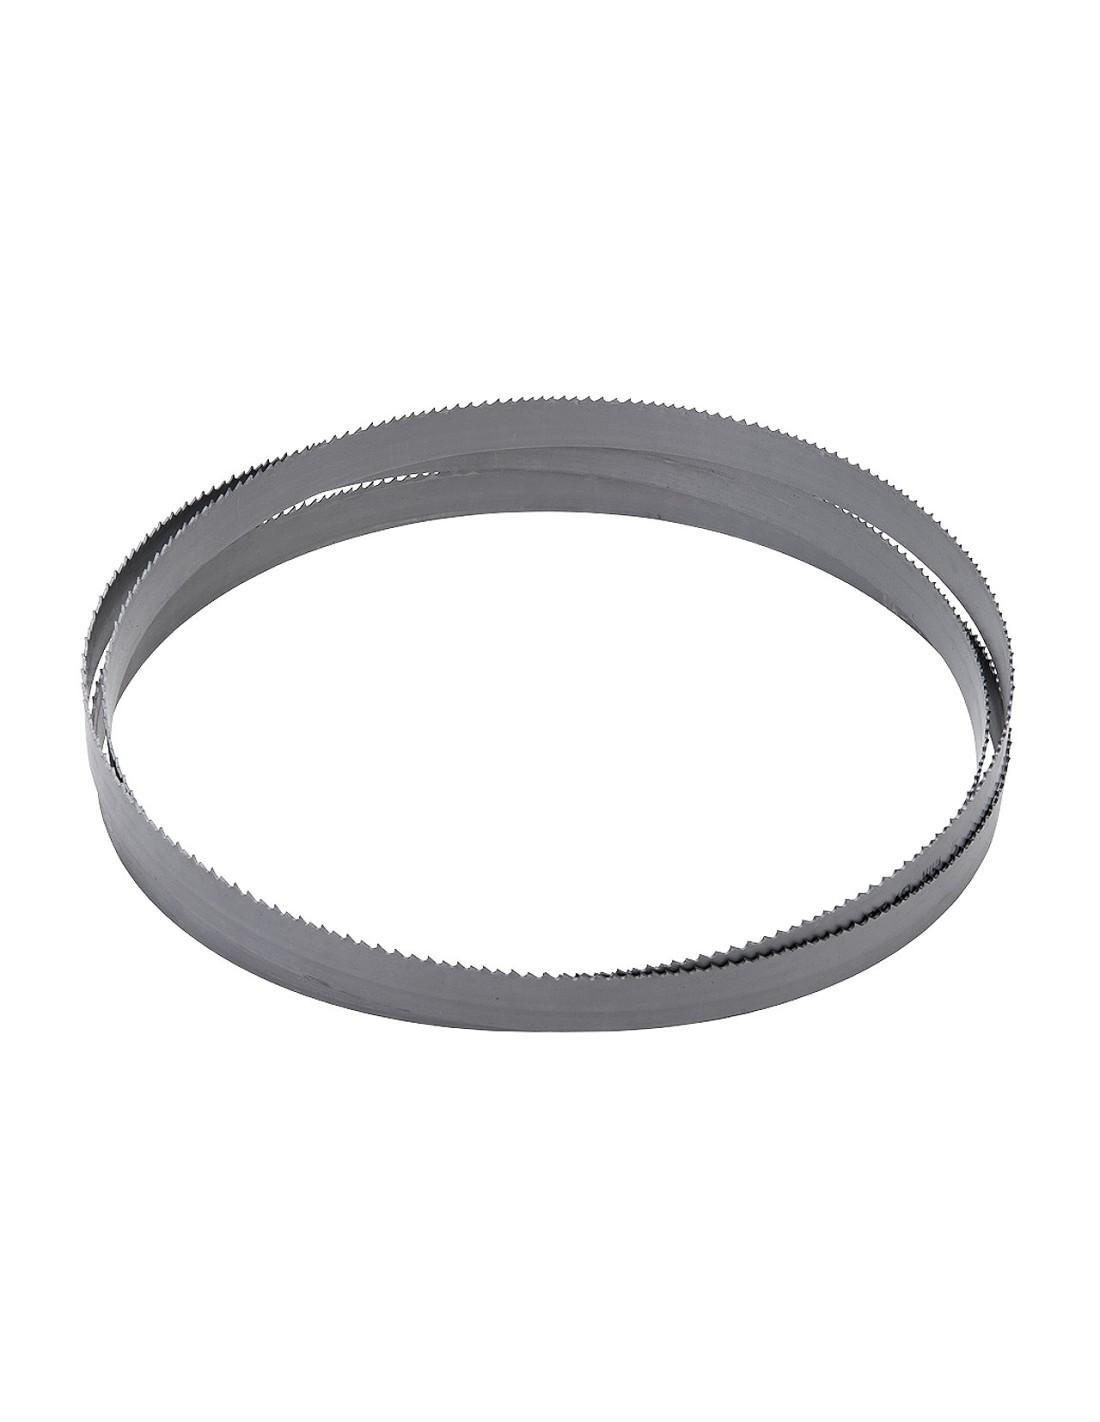 Panza pentru fierastrau cu banda M42 Bi-Metal 2360 x 19,0 x 0,90 mm - 4/6 TPI